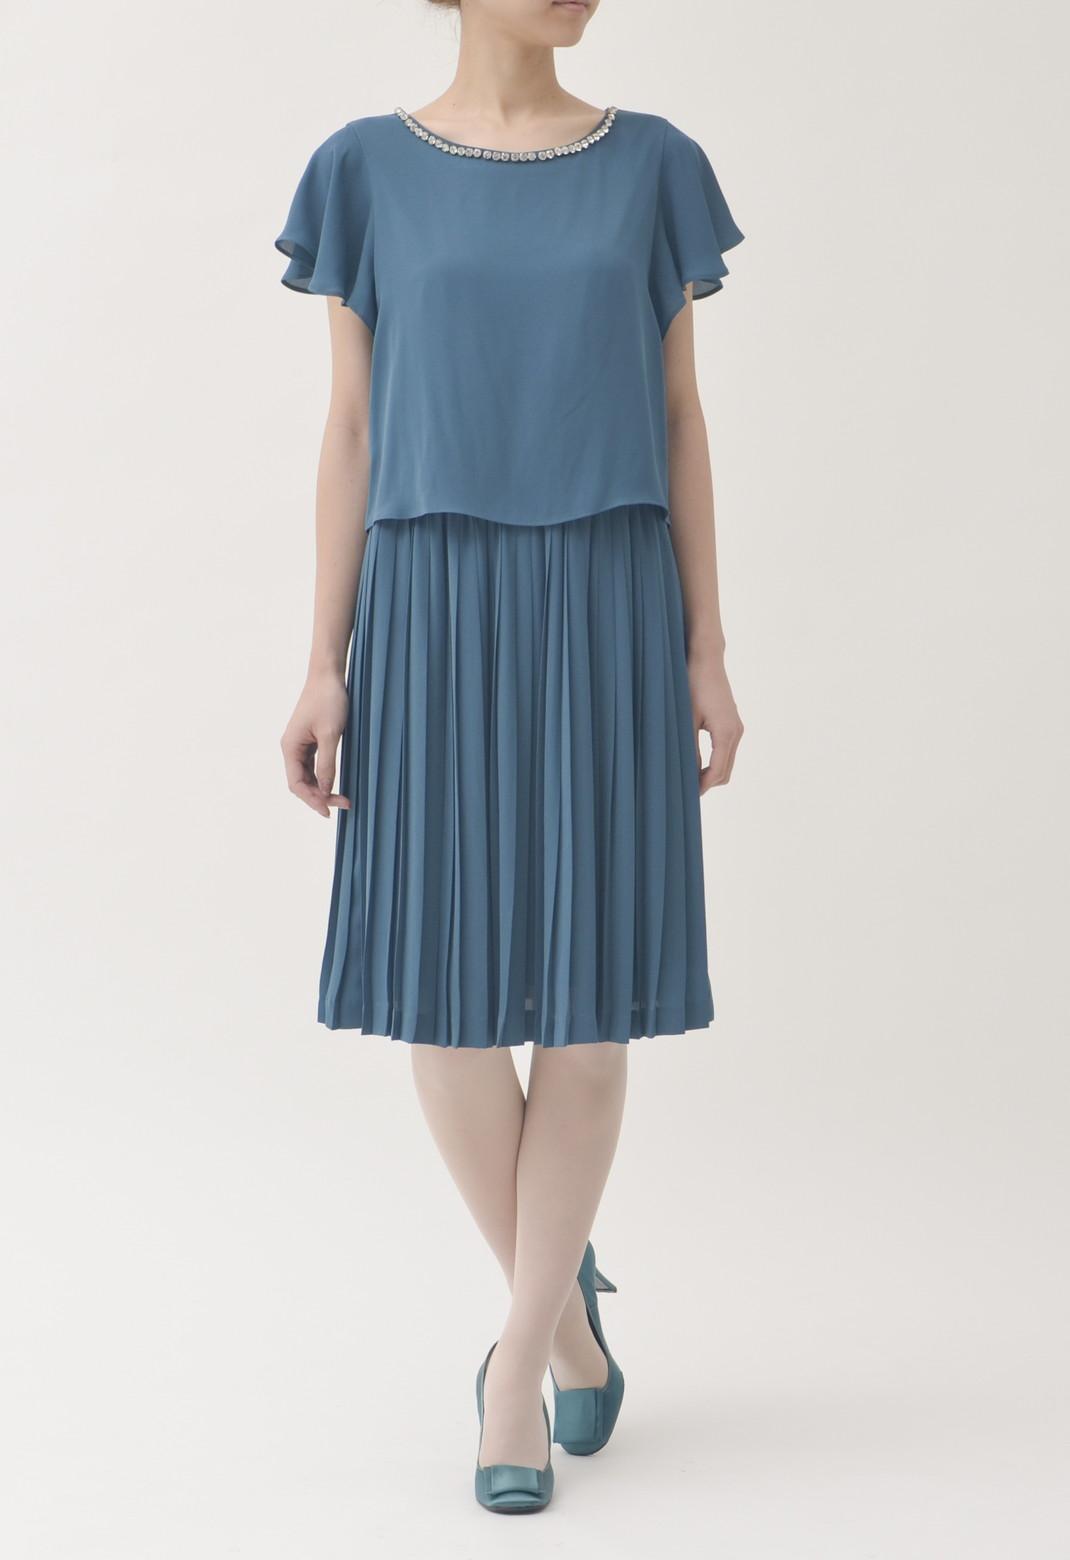 ネックビジュー飾り プリーツ 半袖 ドレス